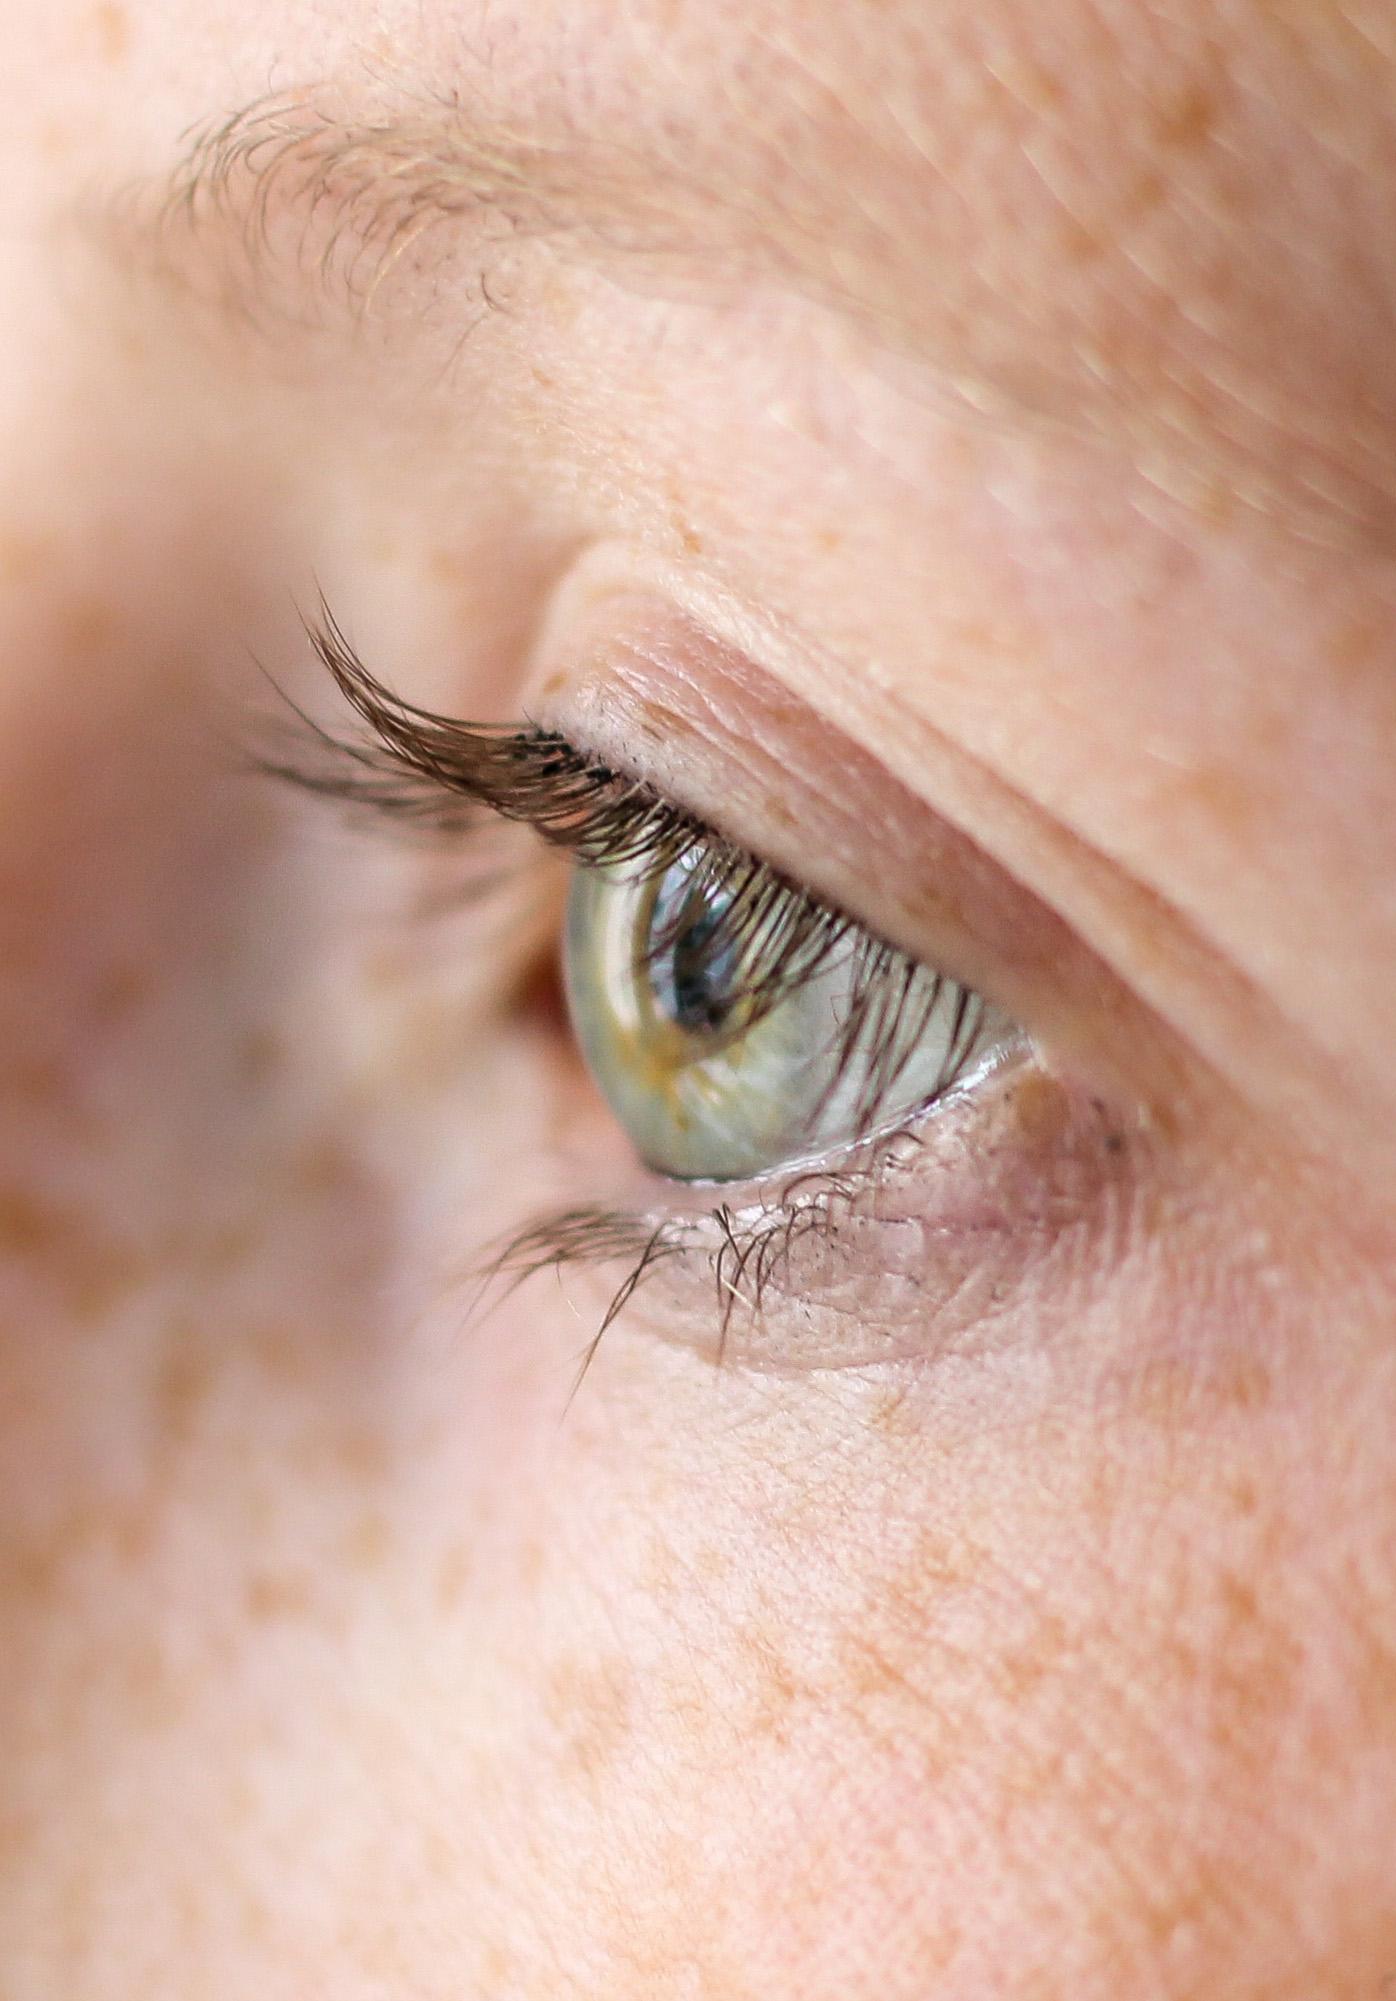 Augenpartie Lange Wimpern RELASH Wimpernserum Orphica Beauty Blog Test Anwendung Nachher 2